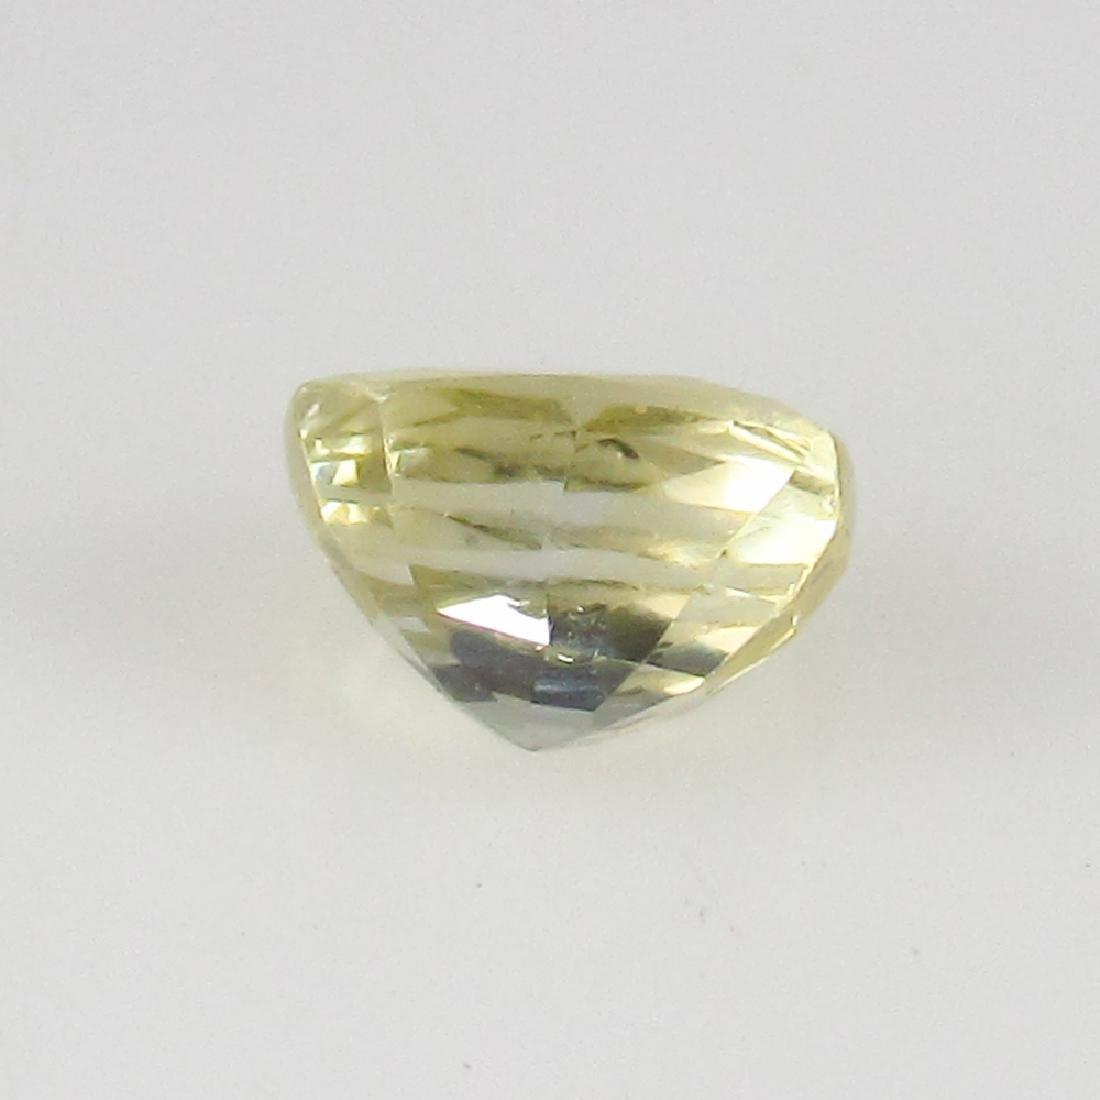 0.64 Ct Genuine IGI Certified Sri Lanka Yellow Sapphire - 6